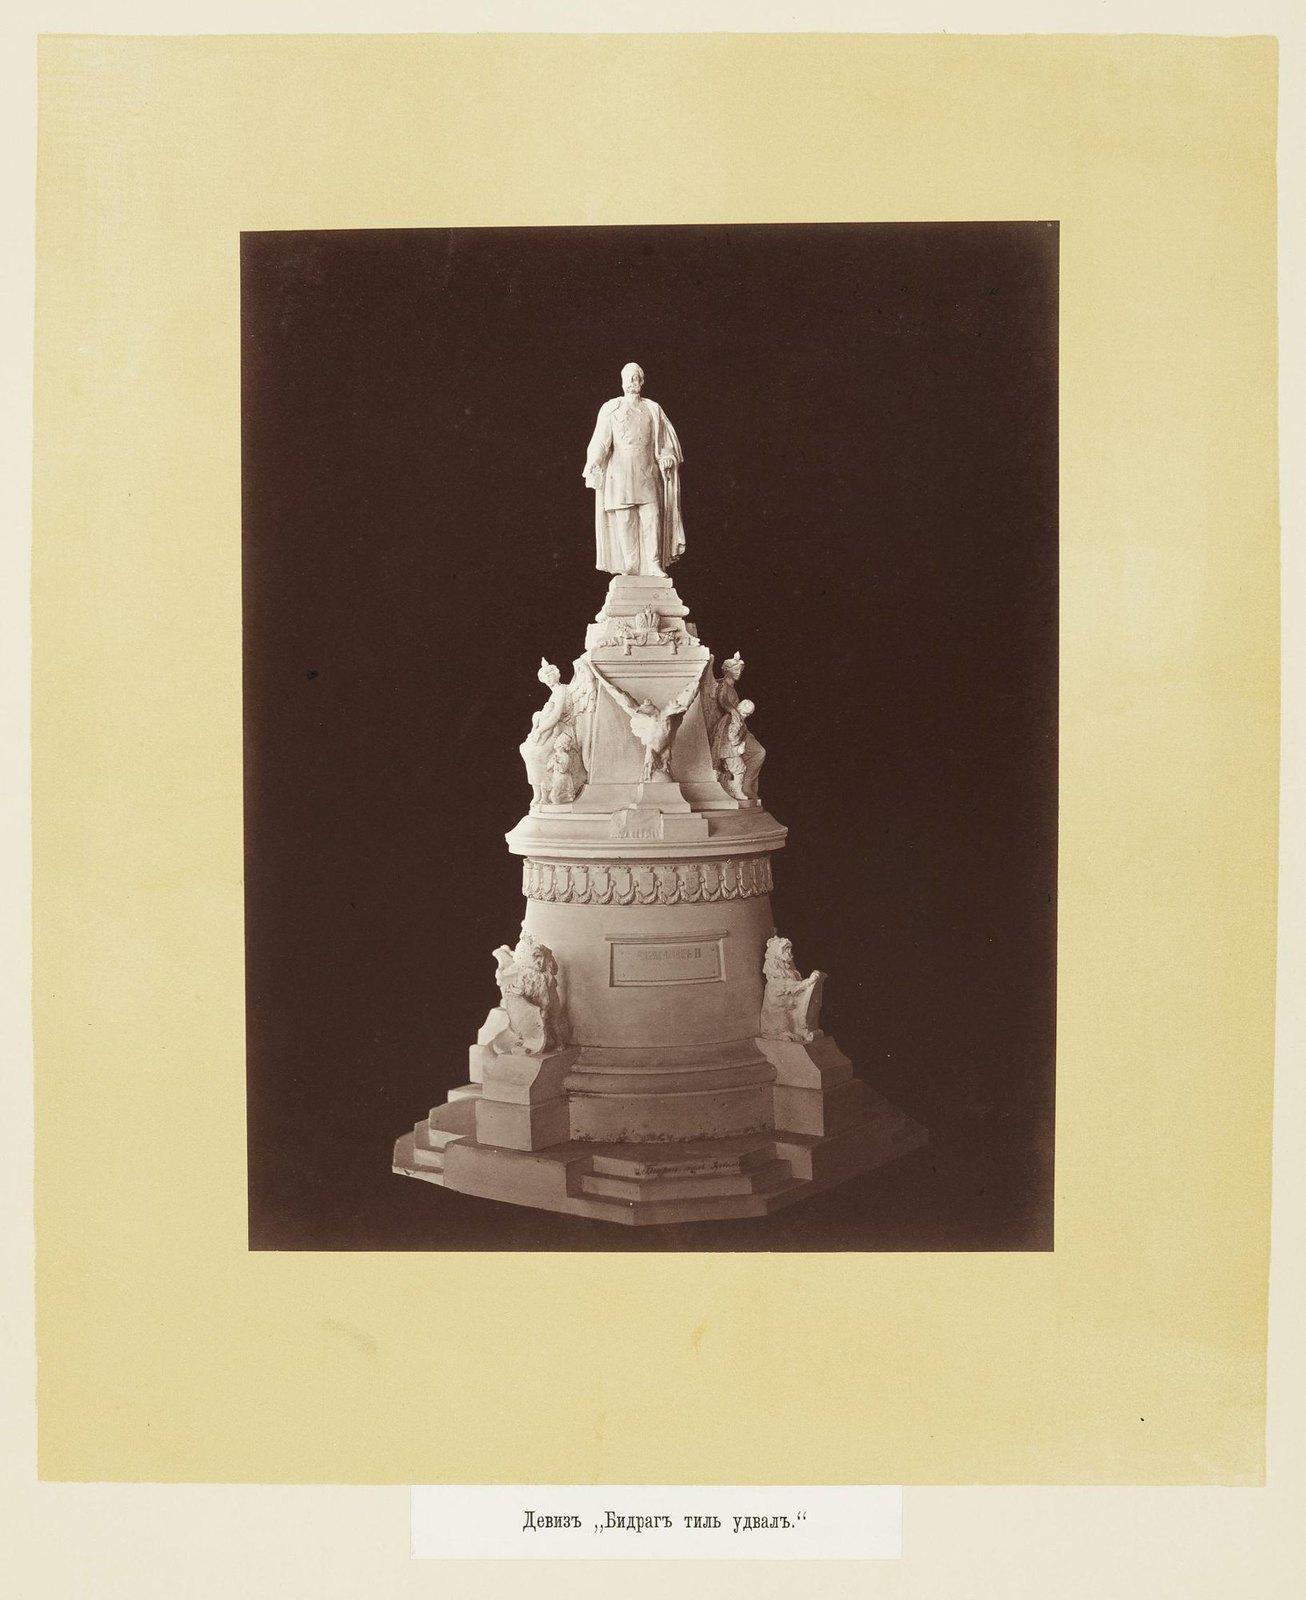 1882. Конкурсный проект памятника императору Александру II в Московском Кремле под девизом «Бидрагъ тиль удвалъ»